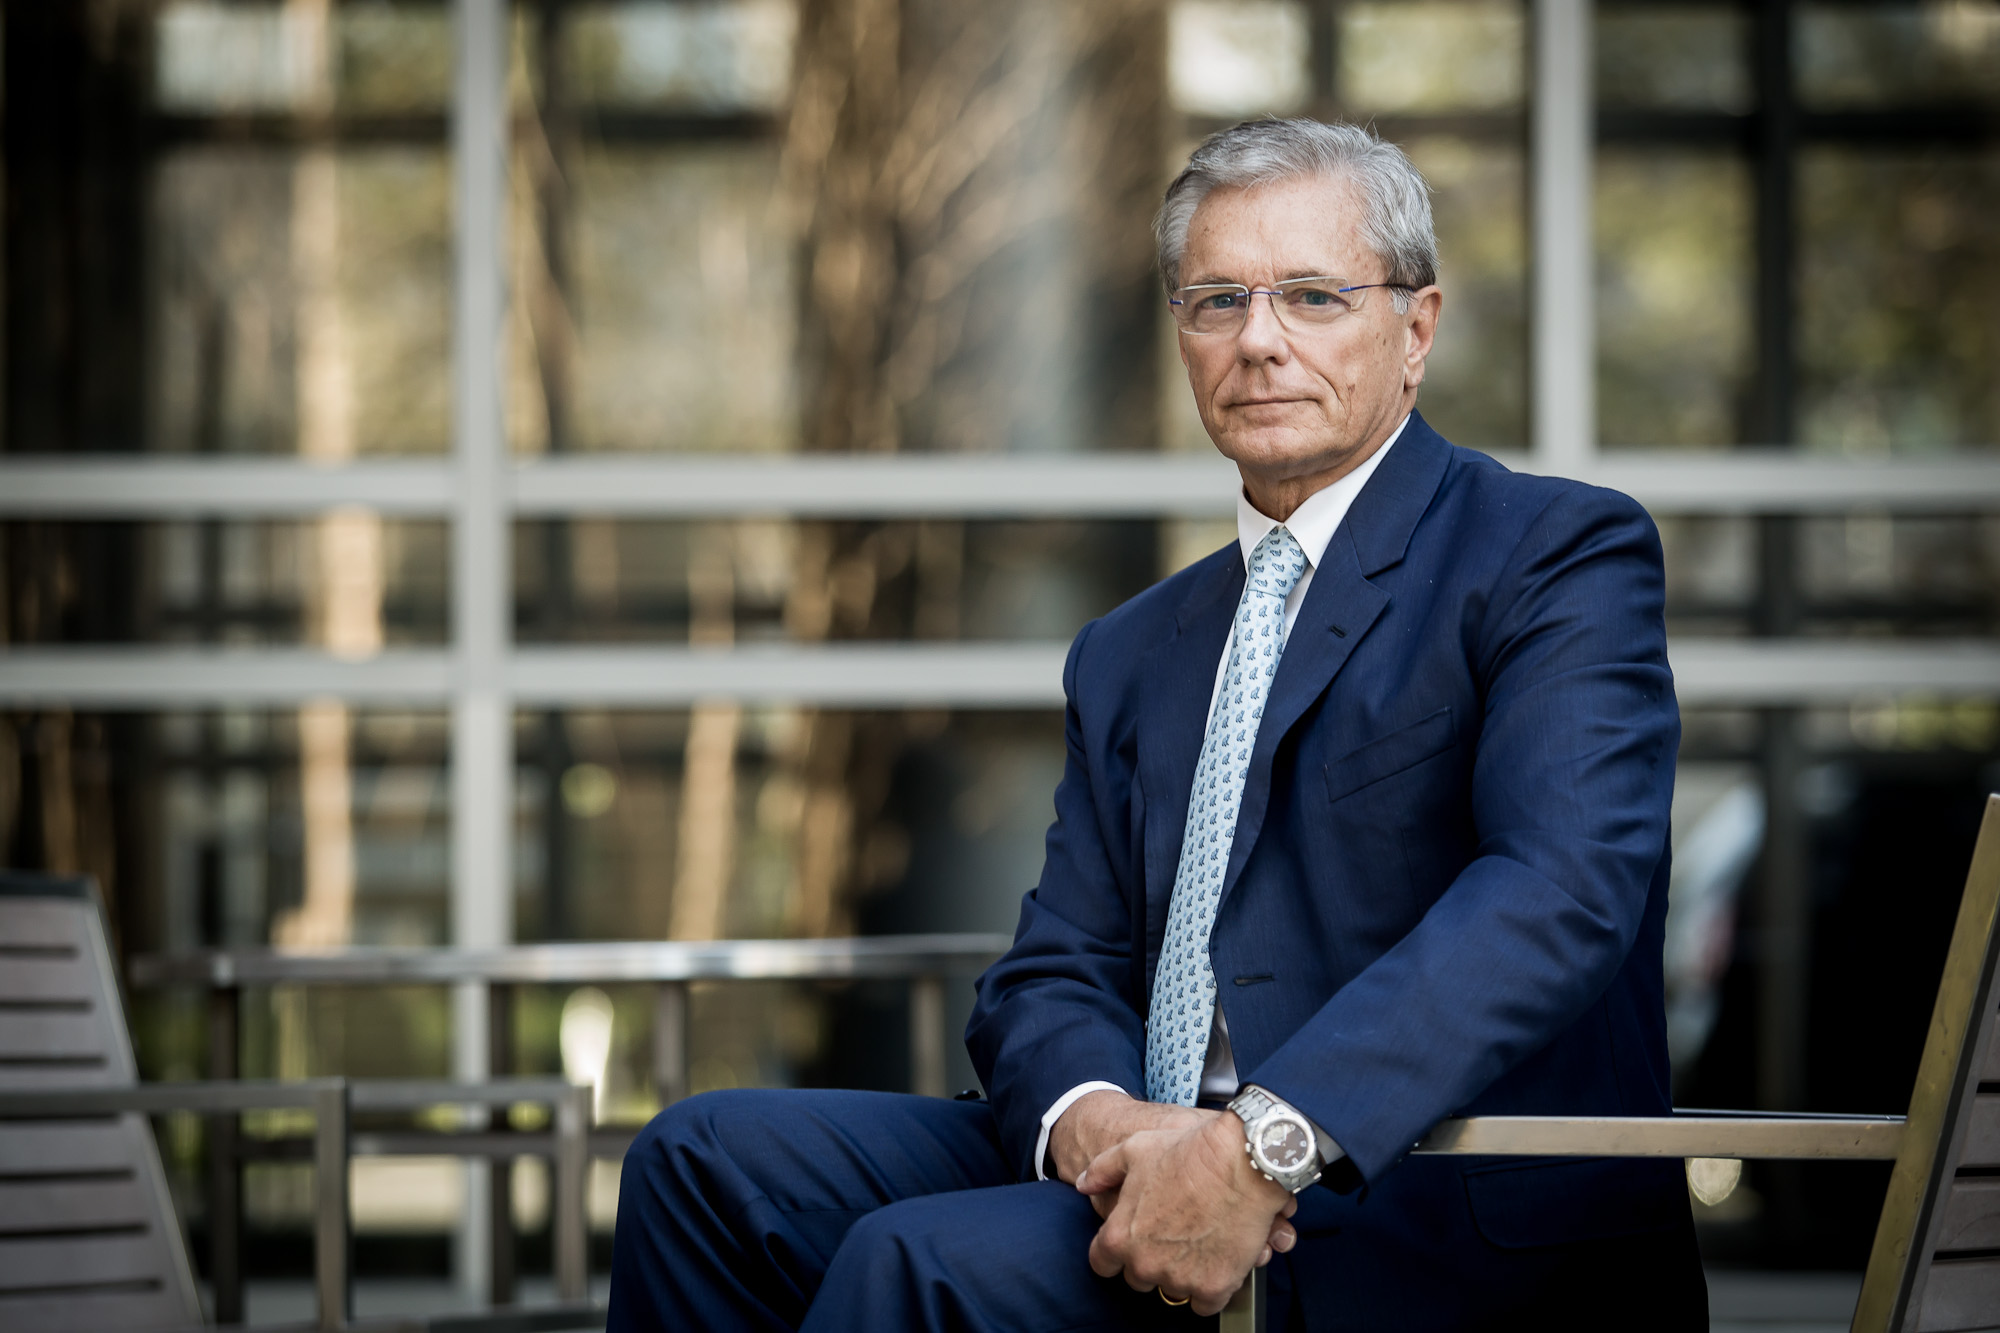 Rede Tauá aposta em Conselho Administrativo de peso para orientar expansão do grupo